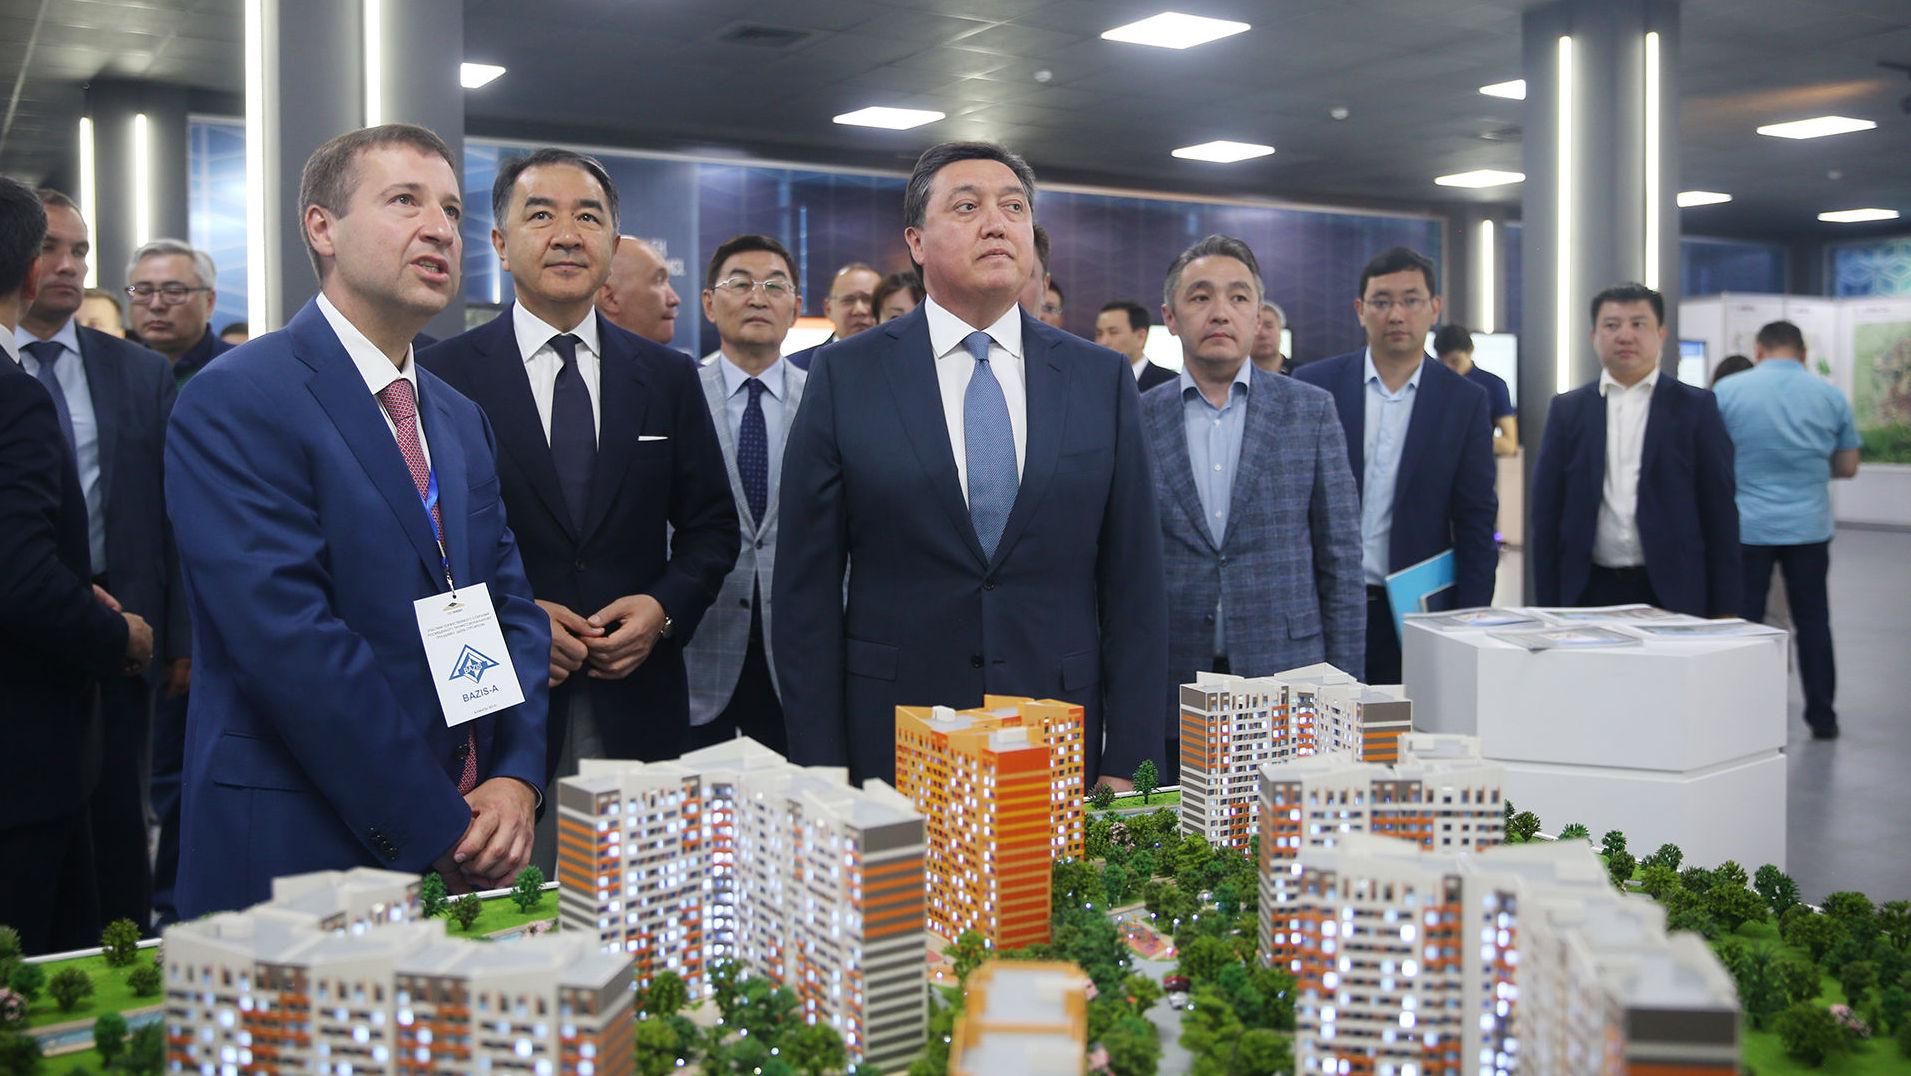 Премьеру презентовали проект застройки Алматы и планы по развитию строительной индустрии города